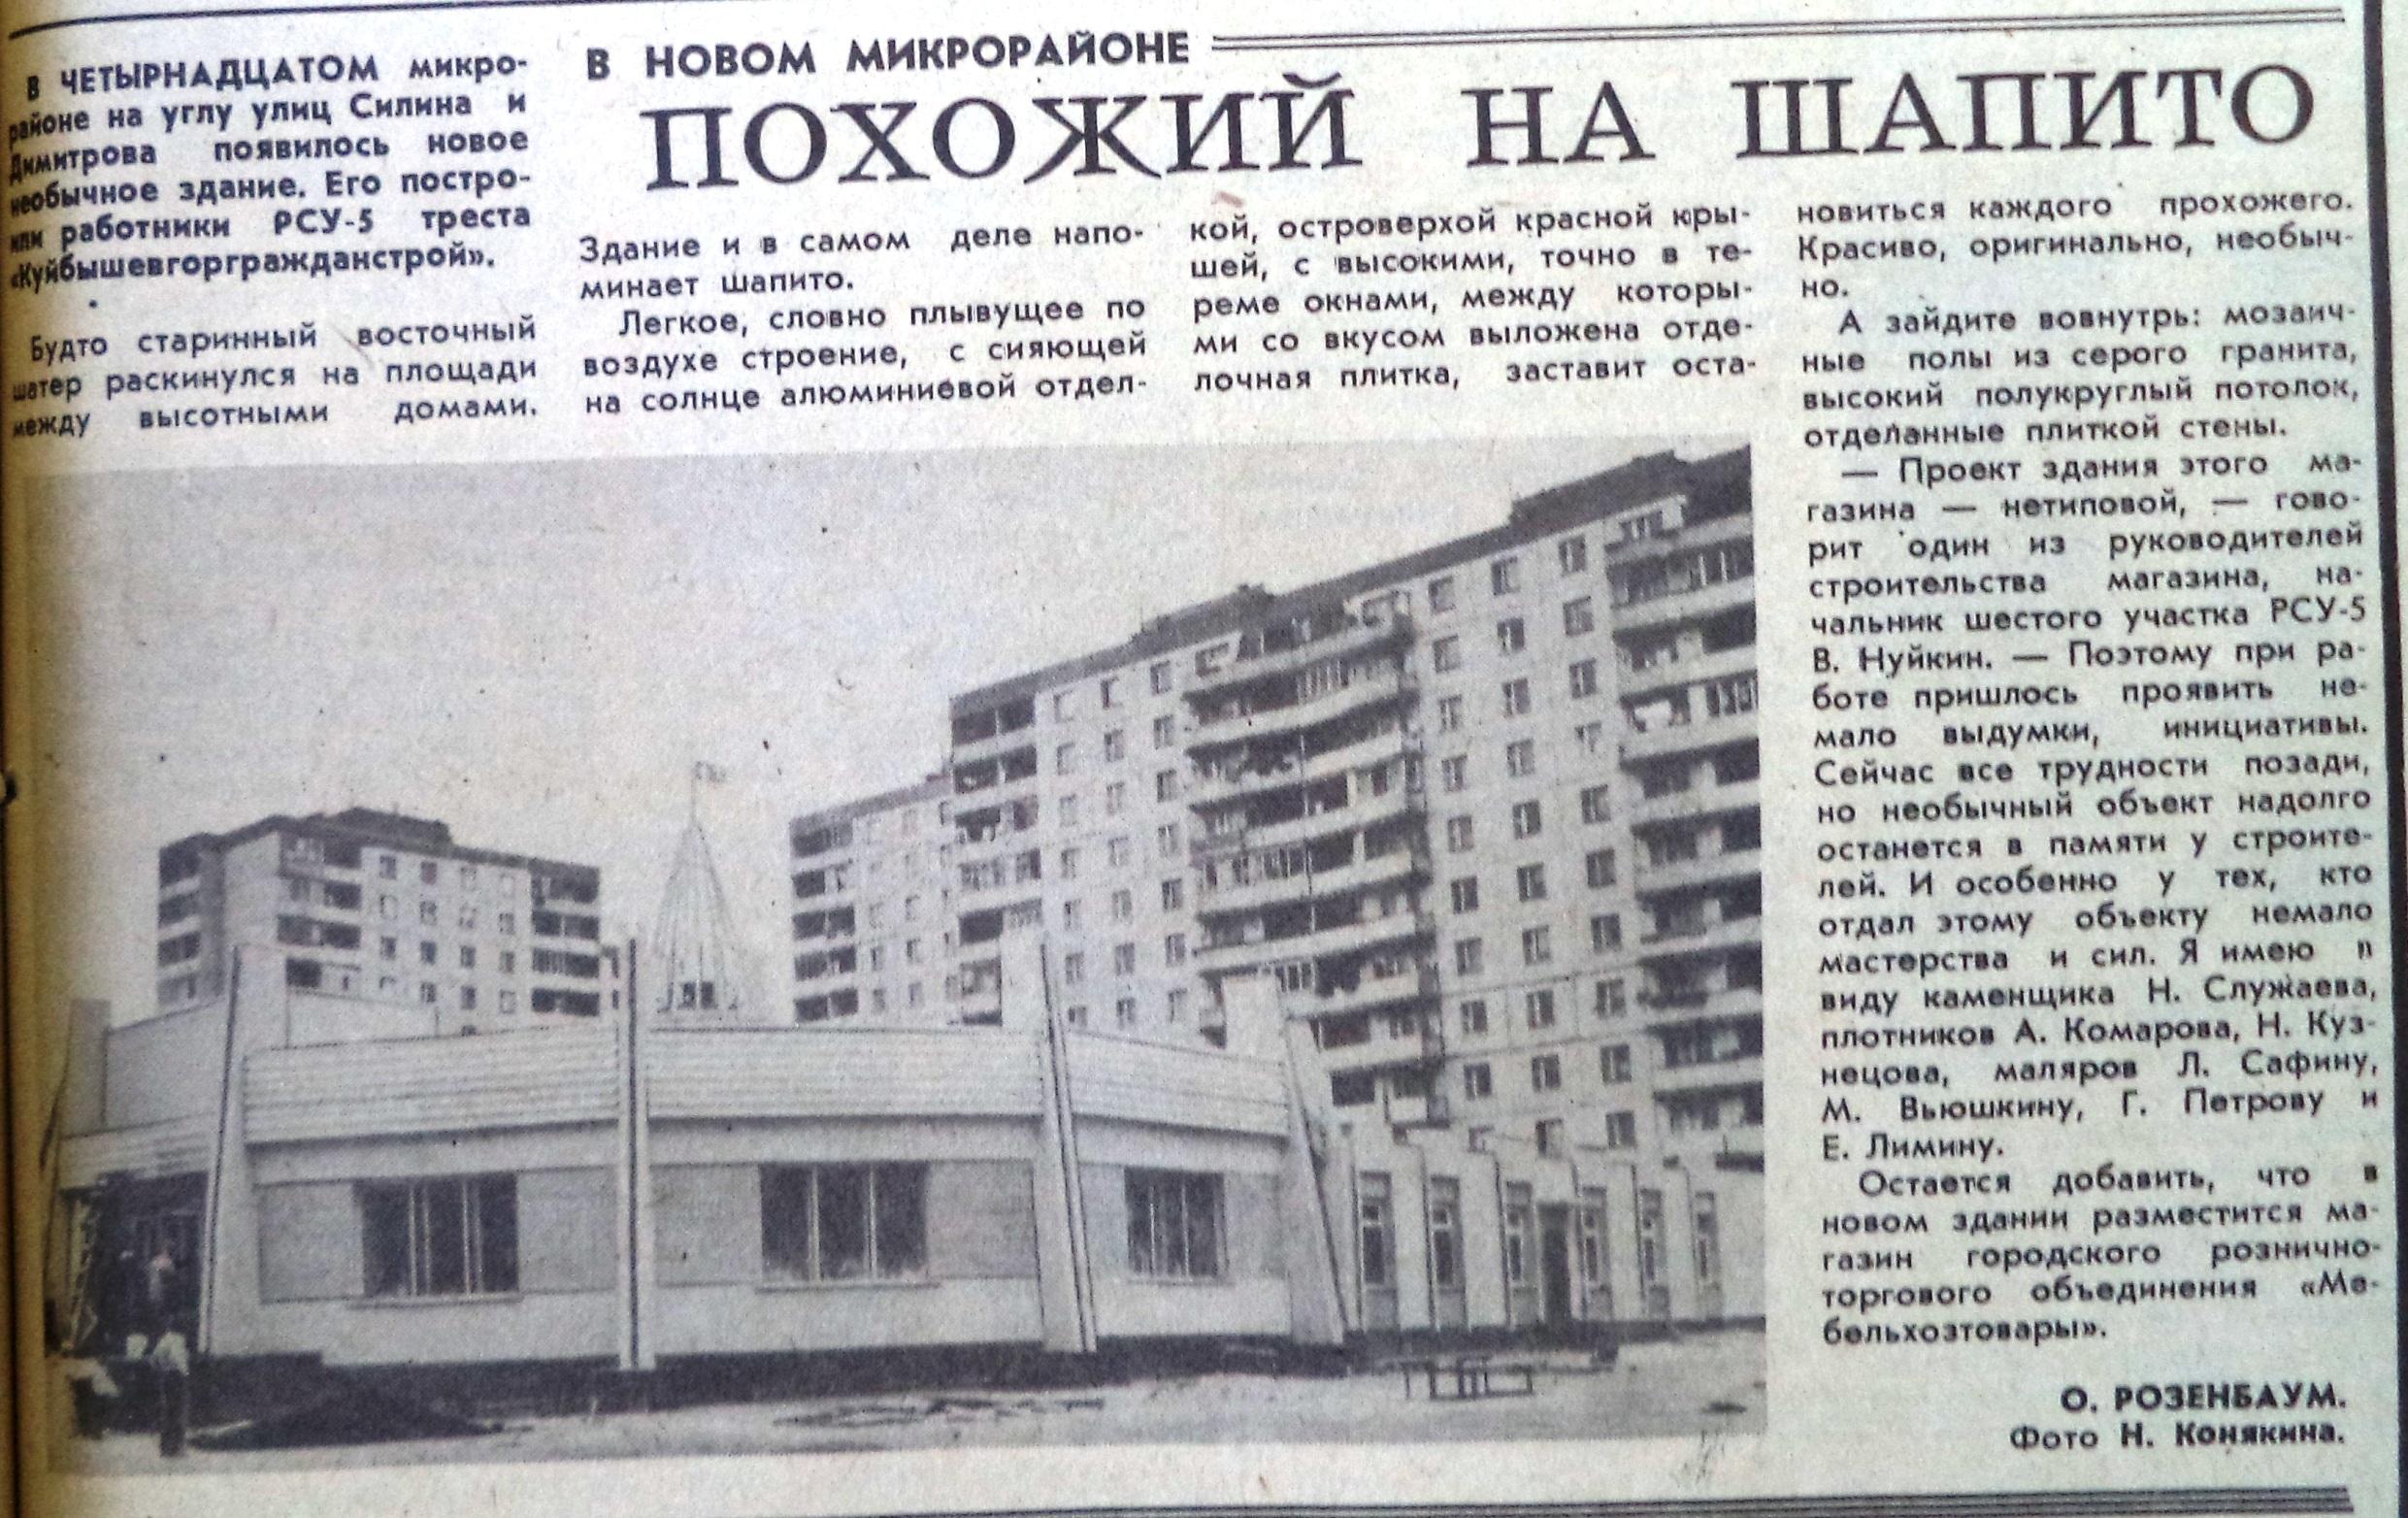 ГД-ФОТО-41-ВЗя-1988-09-10-фото Шапито